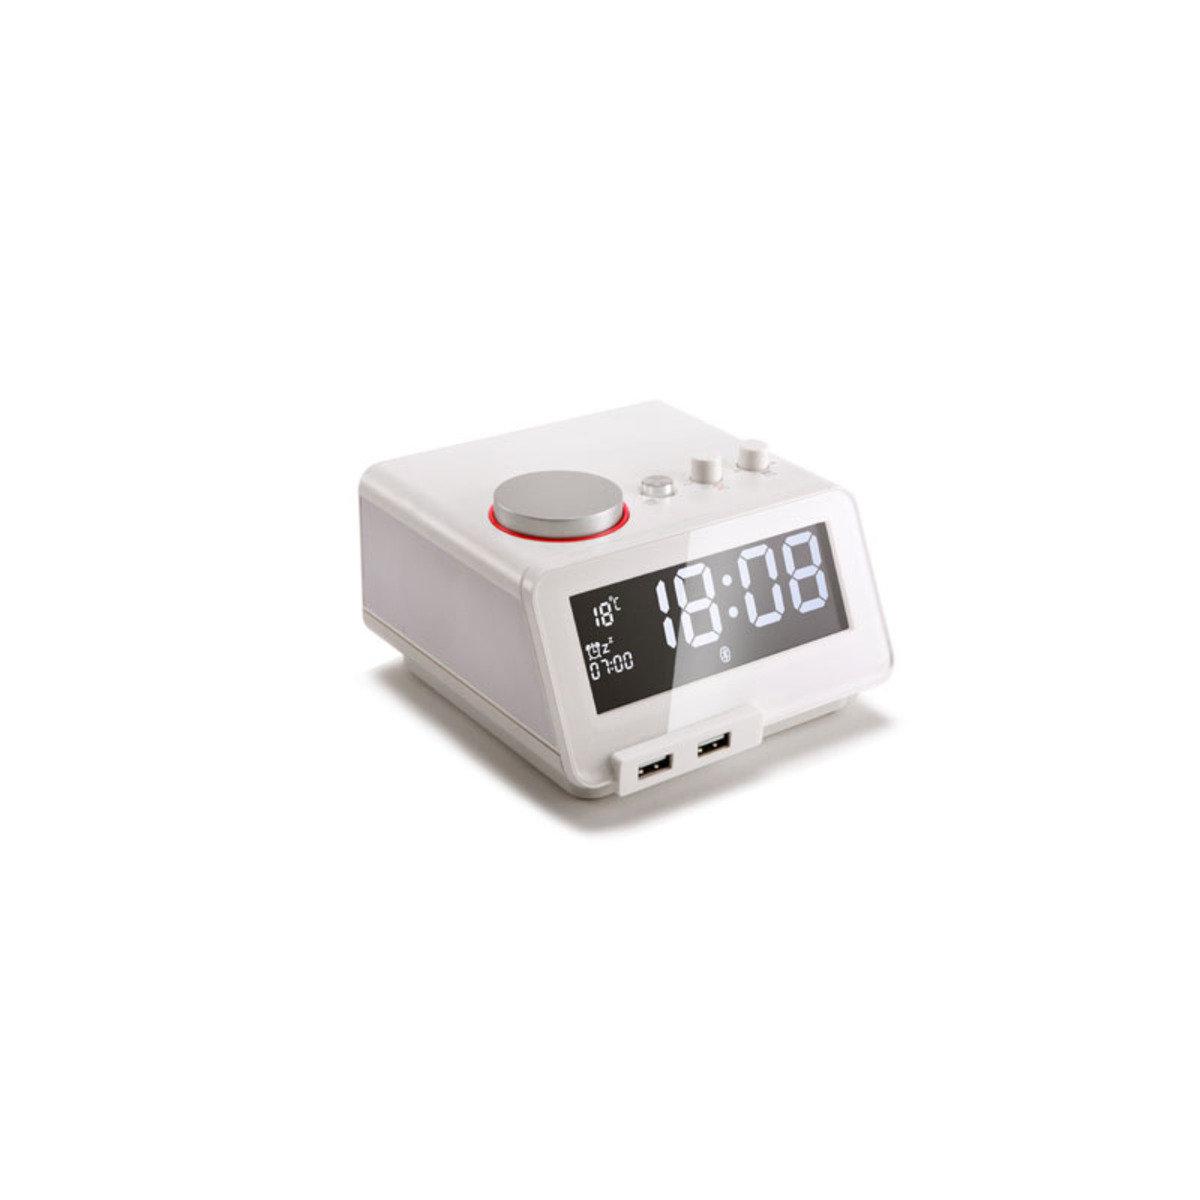 藍芽免提喇叭連充電USB座檯鬧鐘  白色 MM-C12WH